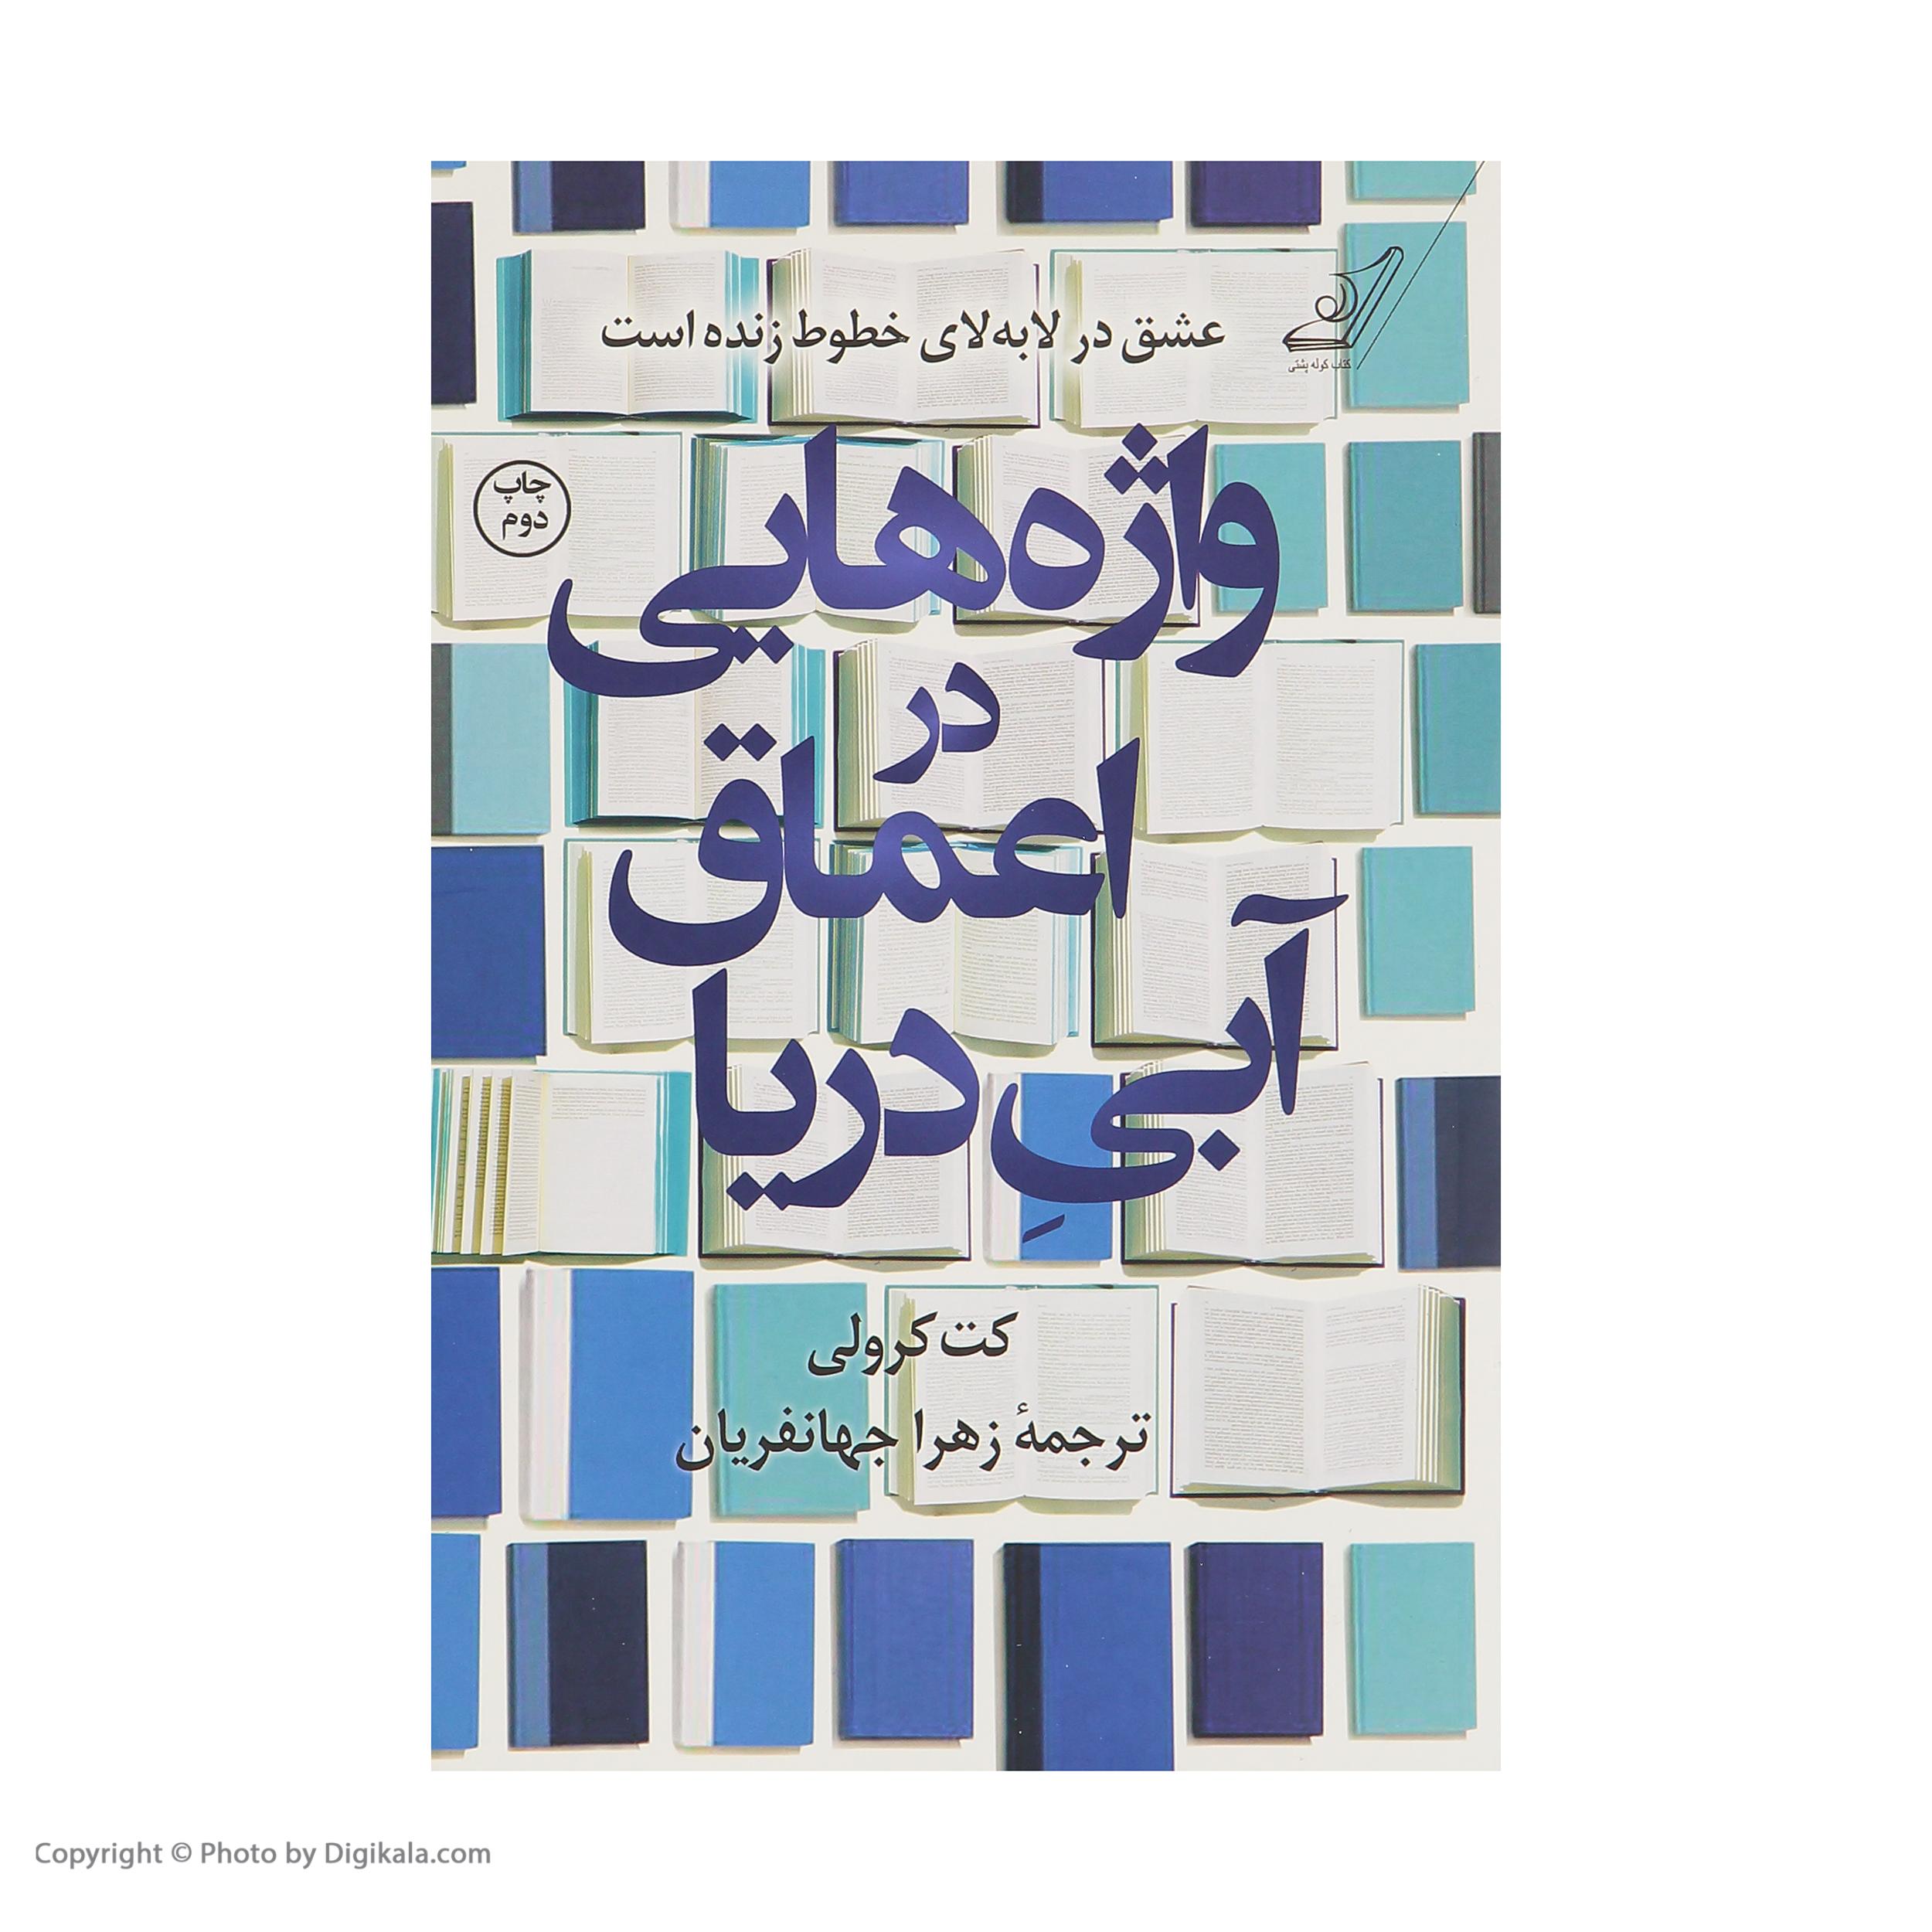 کتاب واژه هایی در اعماق آبی دریا اثر کت کرولی انتشارات کتاب کوله پشتی thumb 2 1